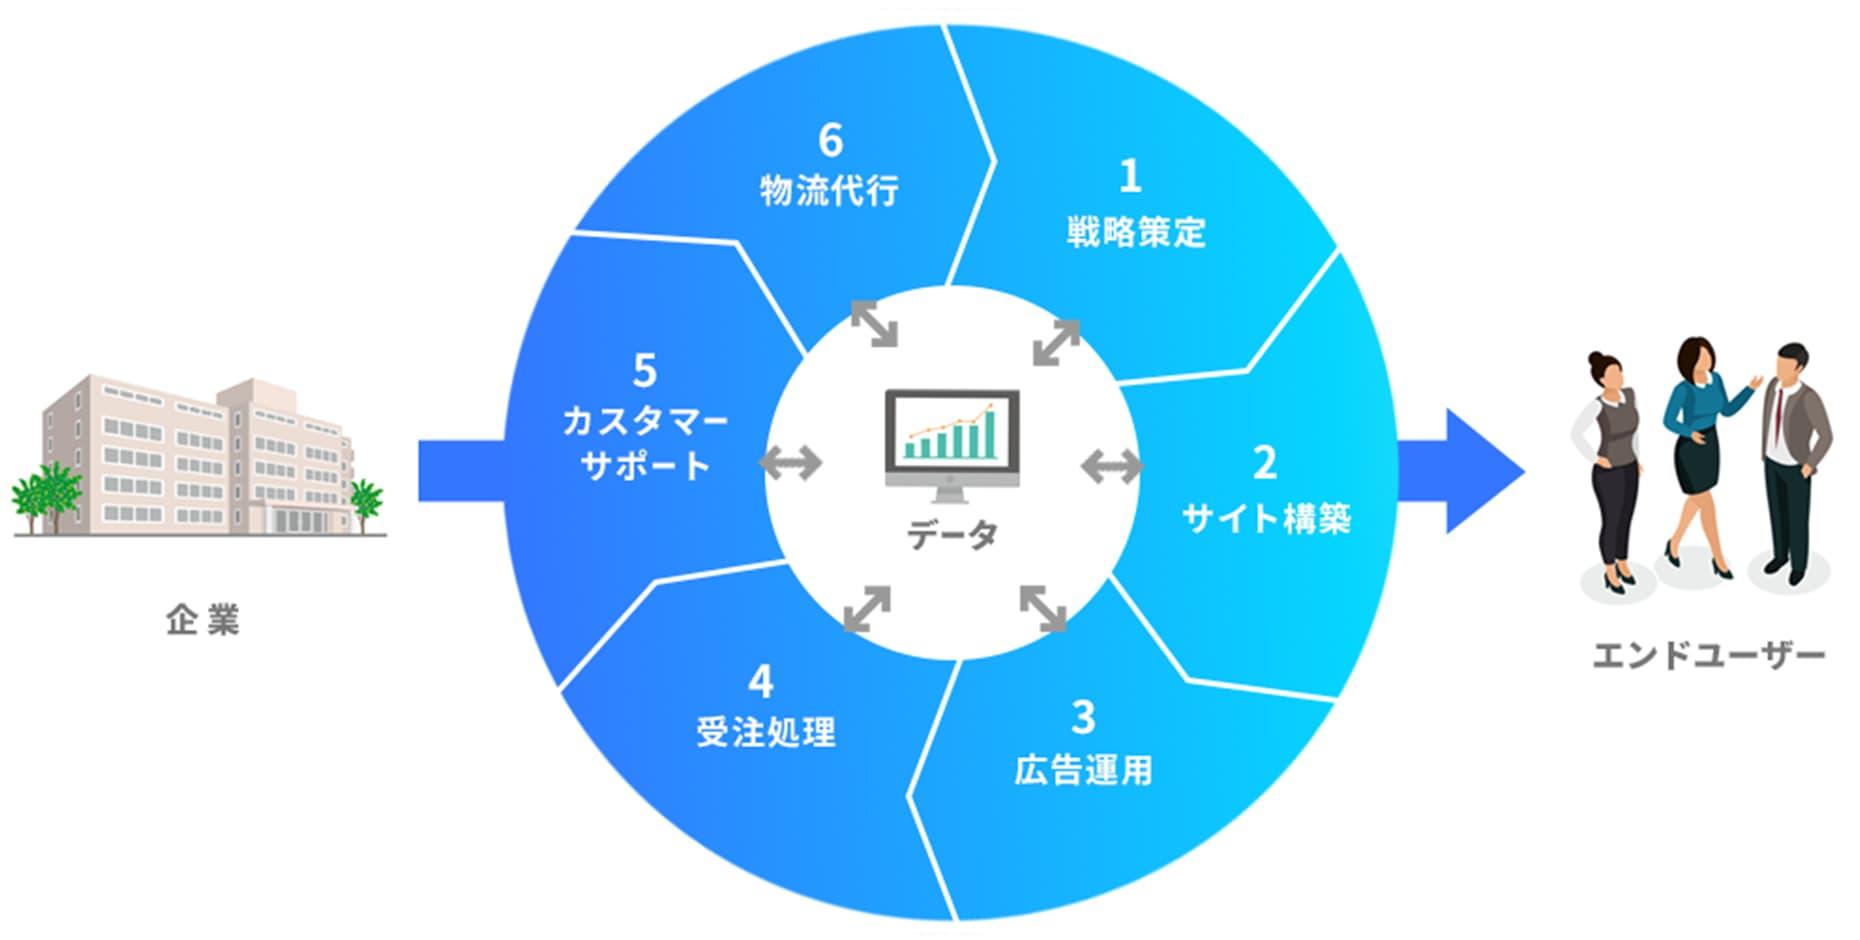 データ収集 図